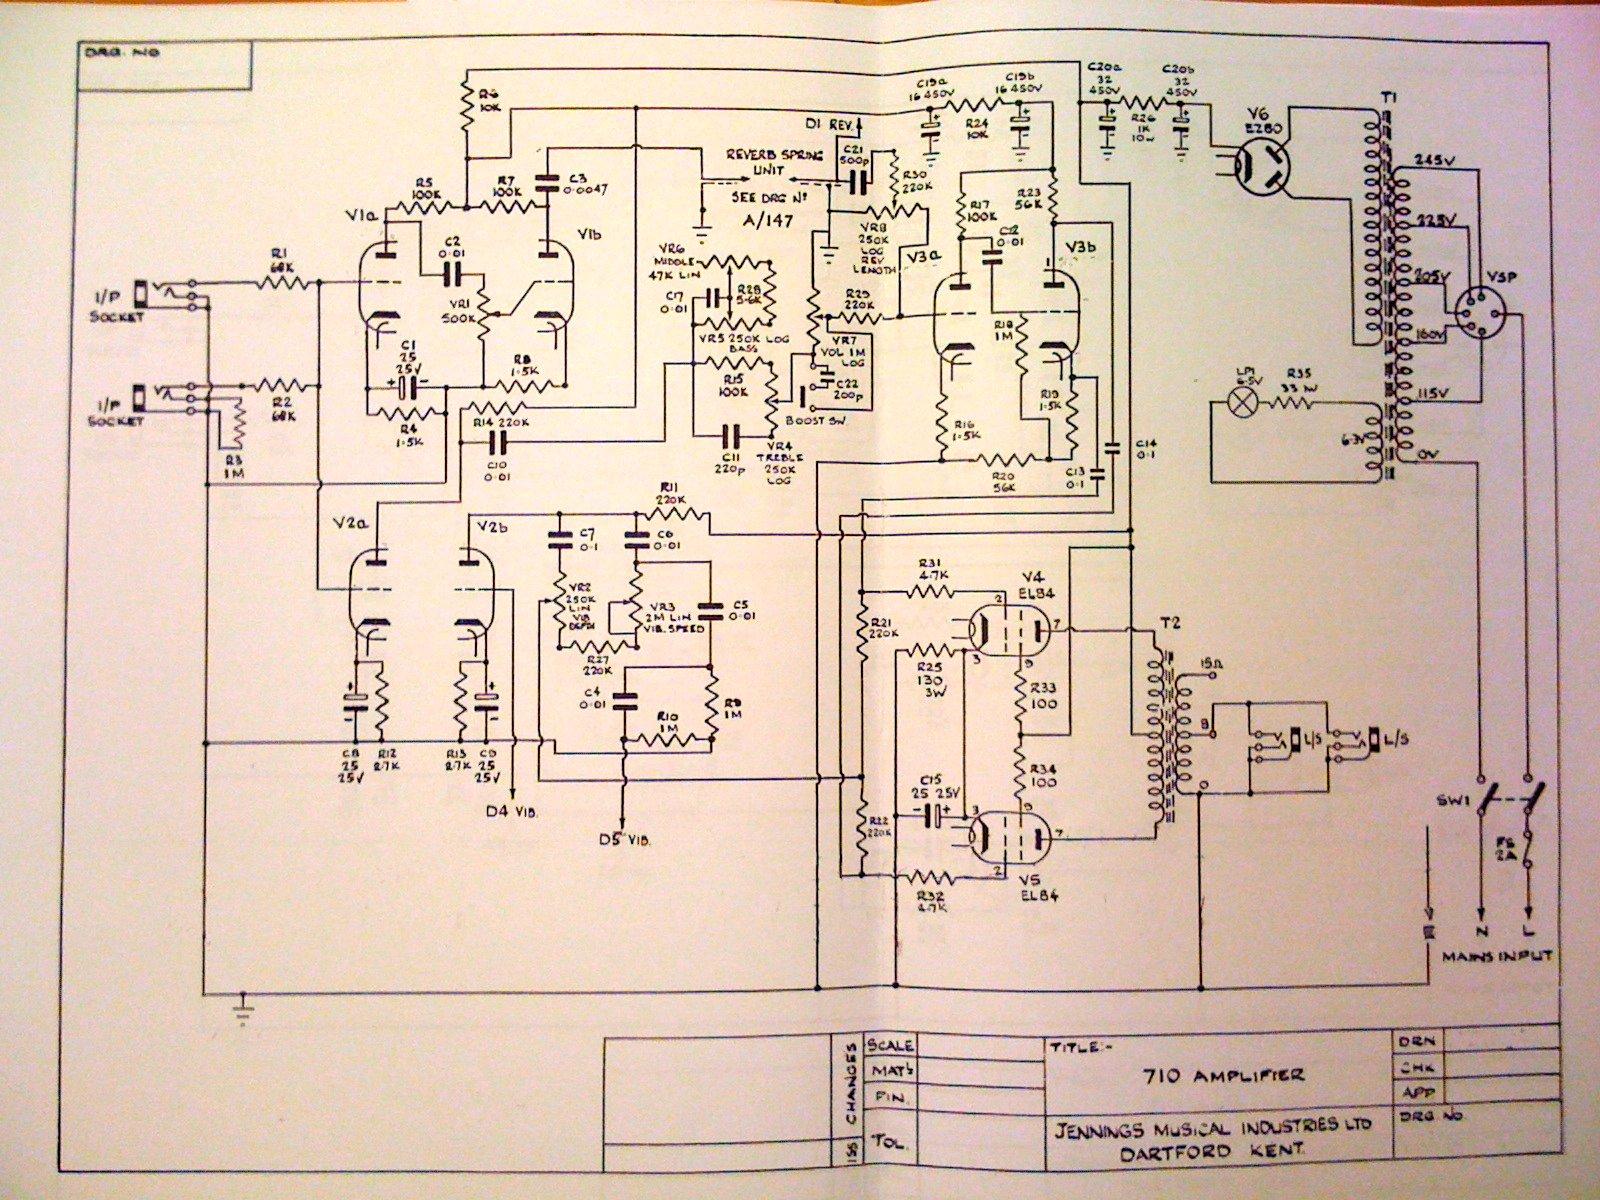 Vox UL710 schematics